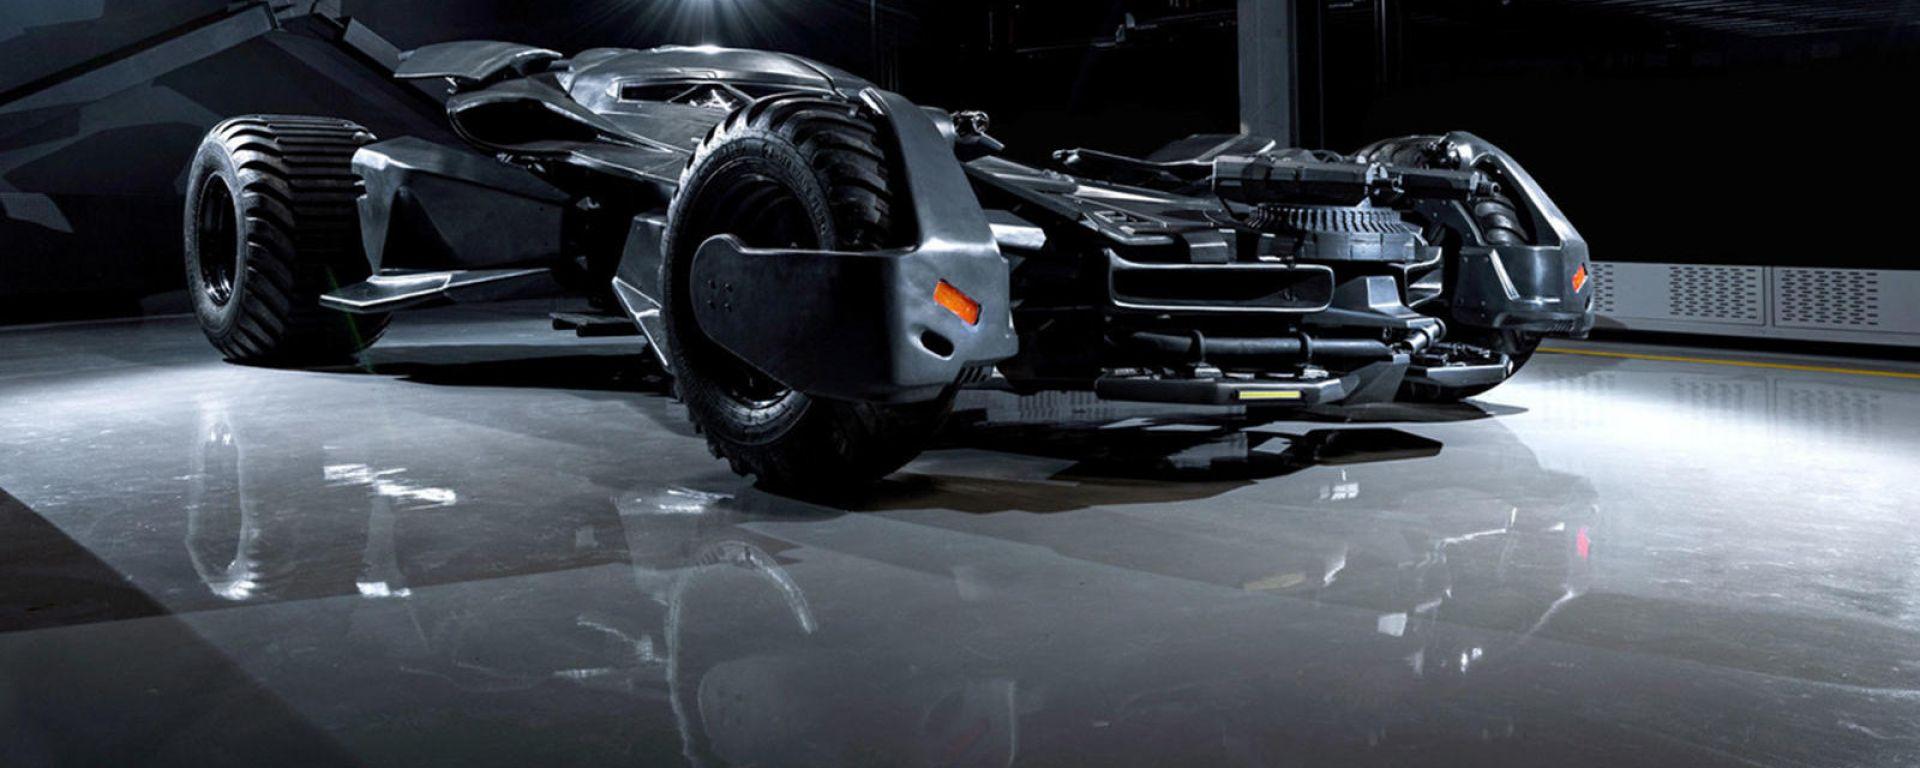 In vendita la replica della Batmobile di Batman v Superman